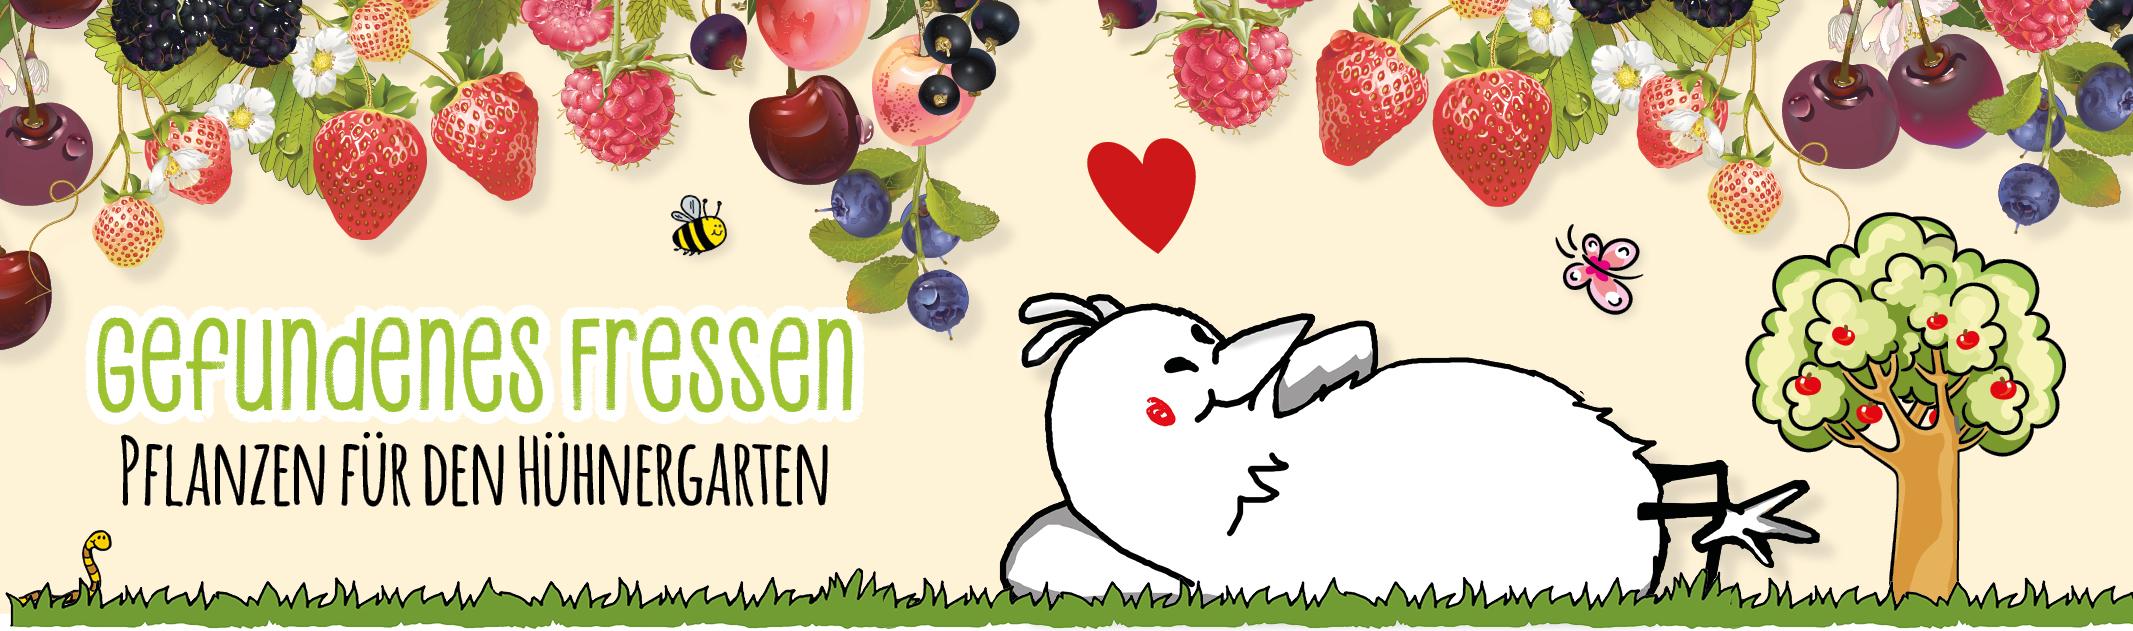 Gefundenes Fressen: Pflanzen für den Hühnergarten